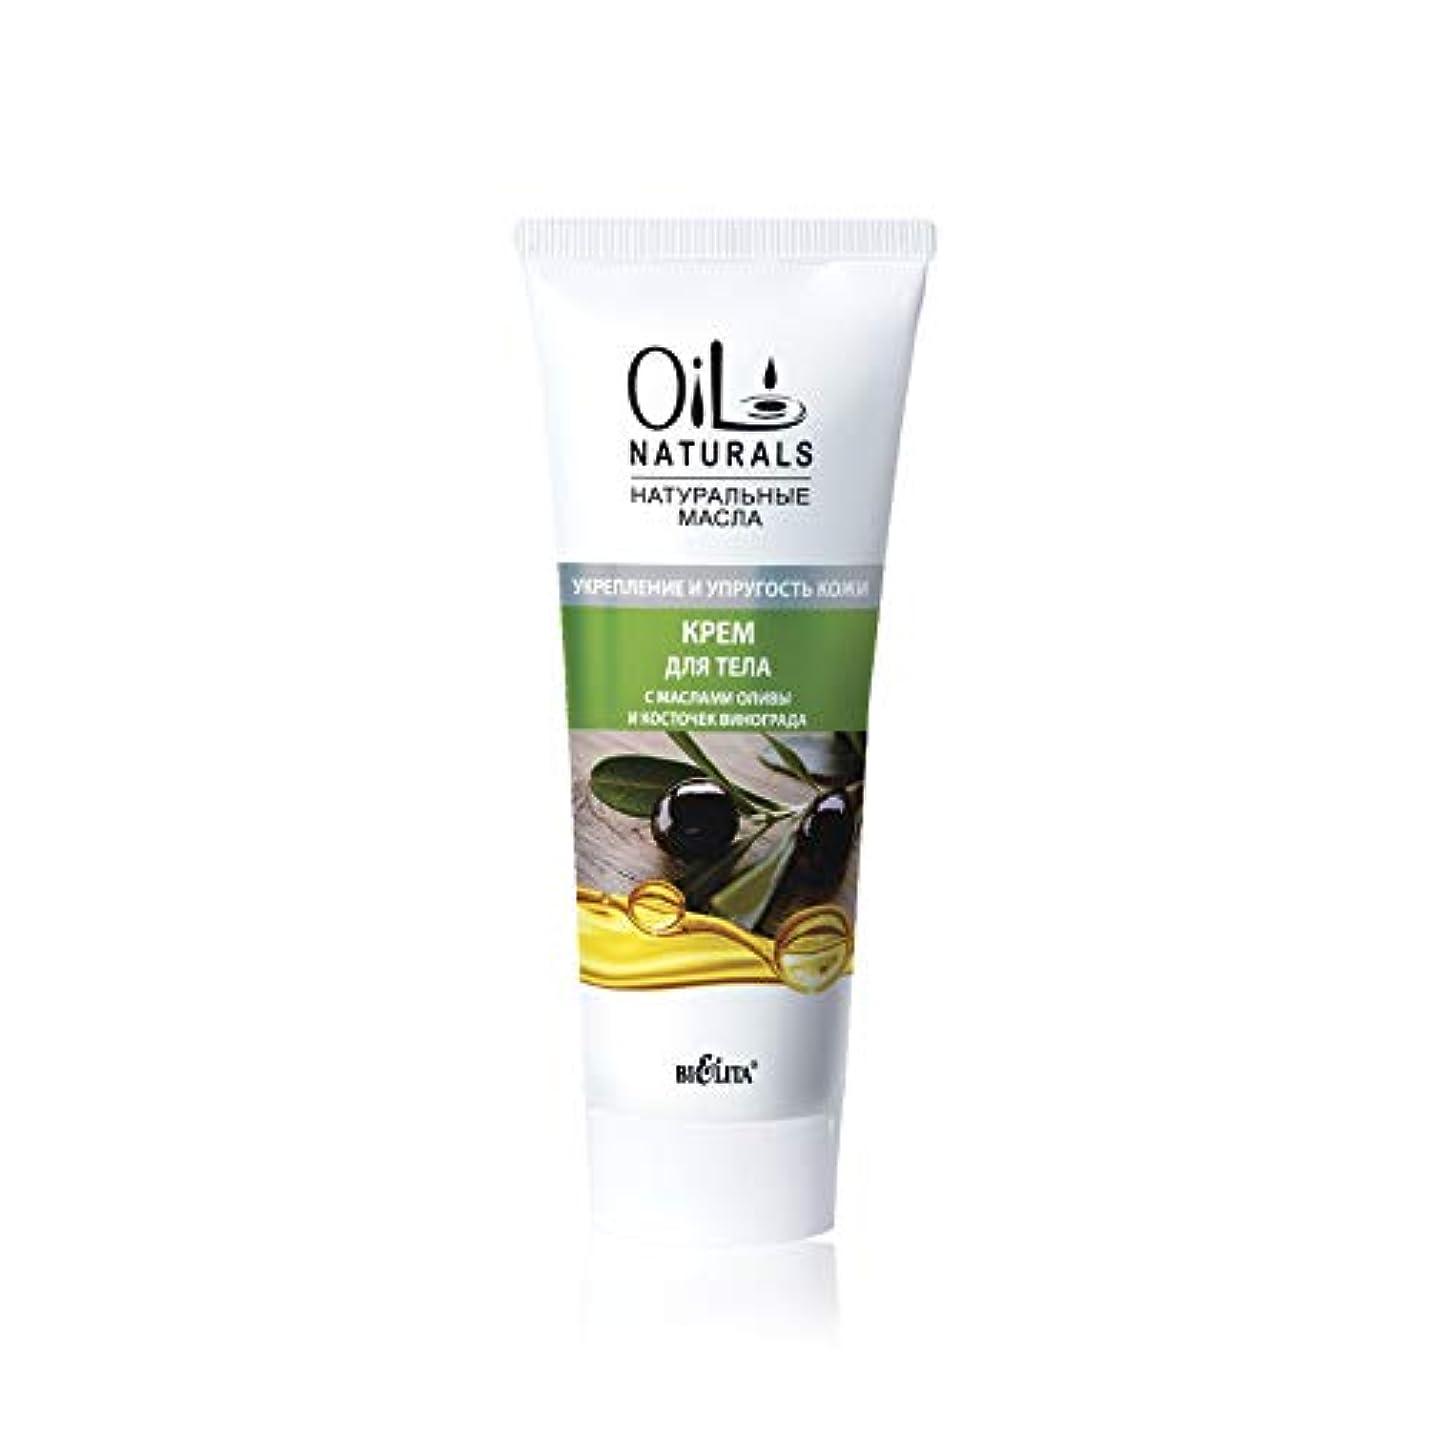 怖い無駄だ世界に死んだBielita & Vitex   Oil Naturals Line   Skin Firming & Moisturizing Body Cream, 200 ml   Olive Oil, Silk Proteins...